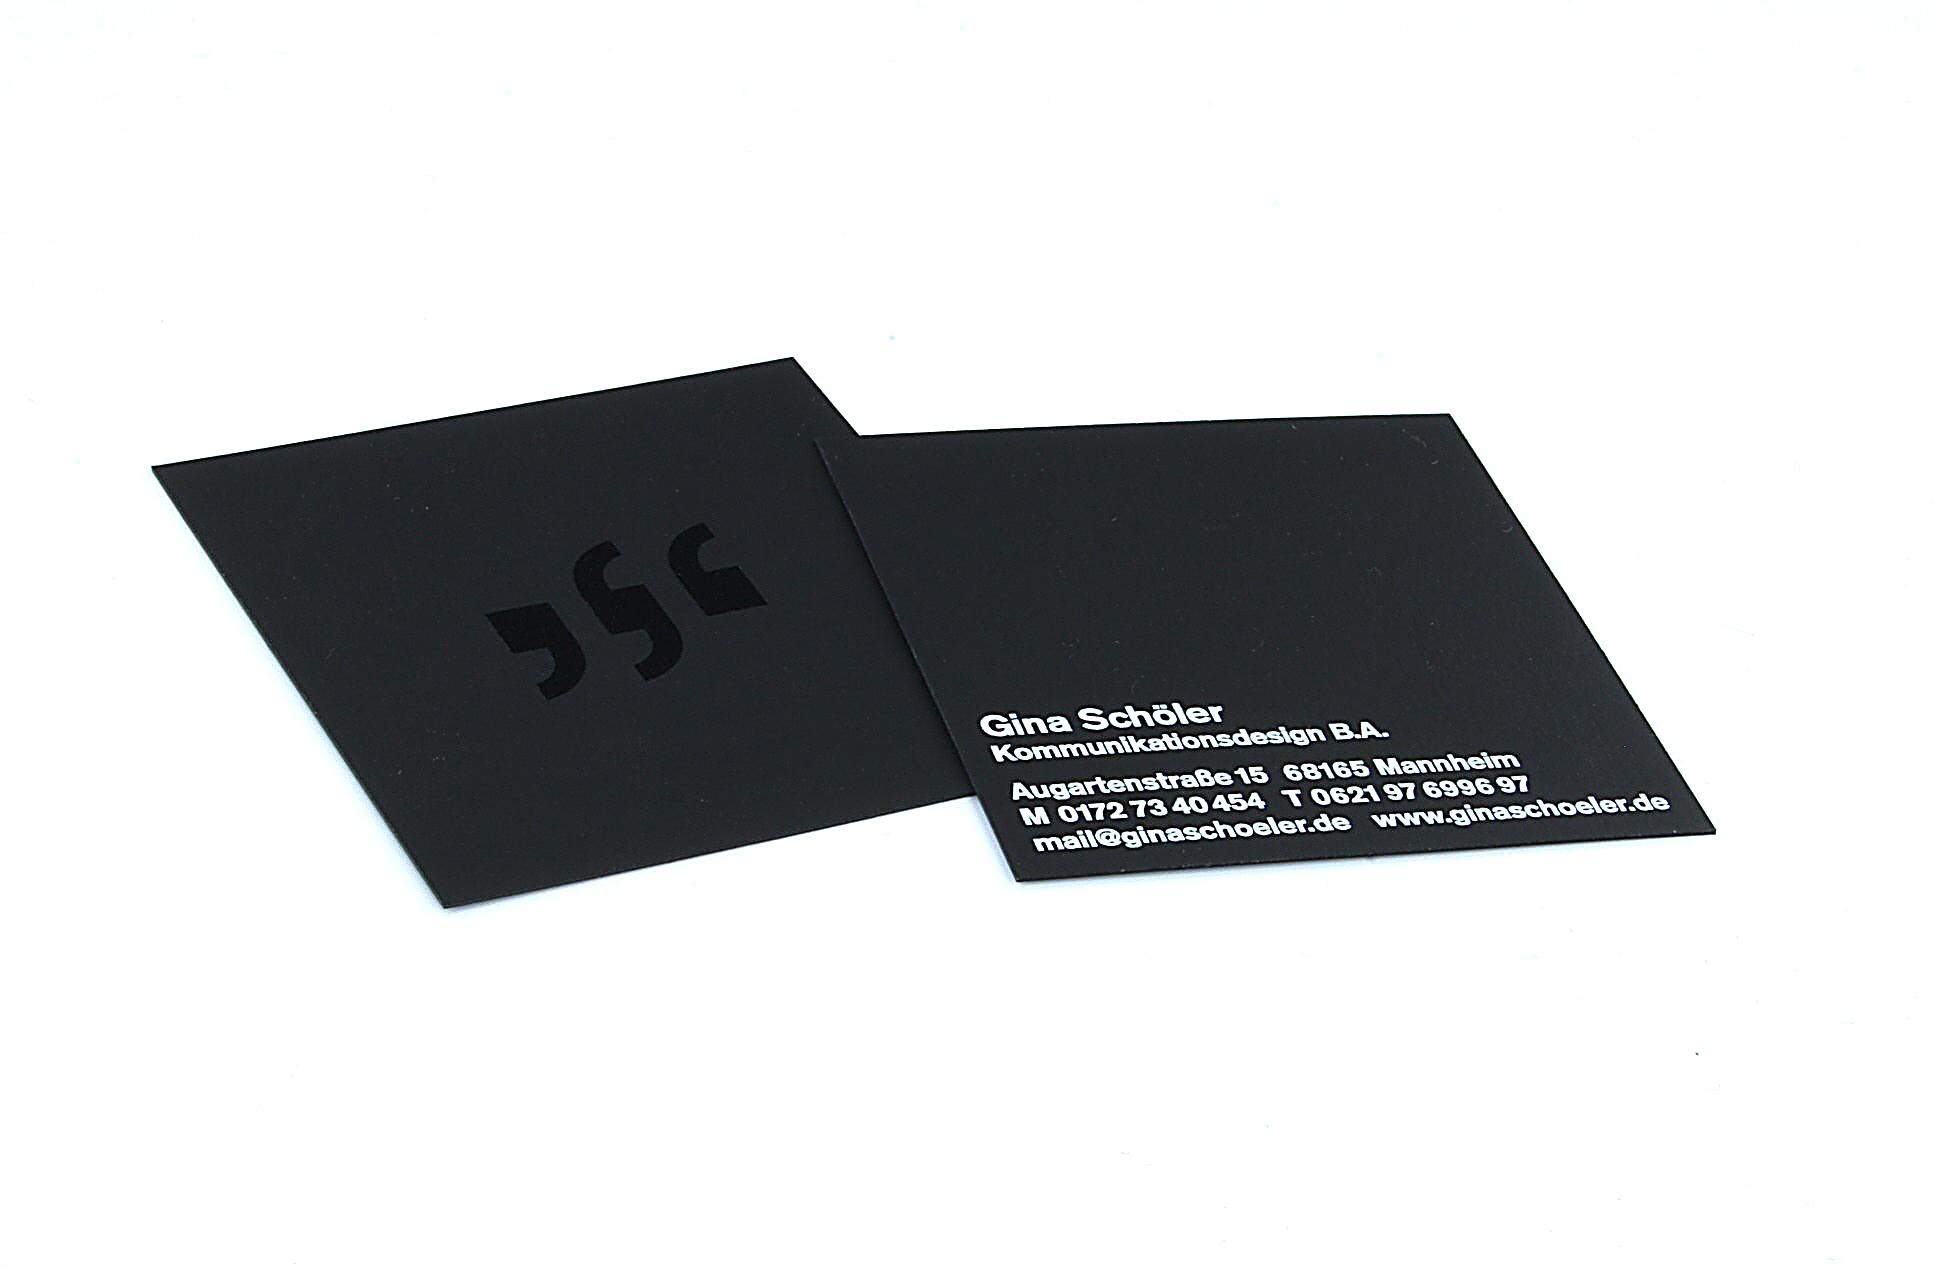 Quadratische Visitenkarten Auf Schwarzem Karton Tipps